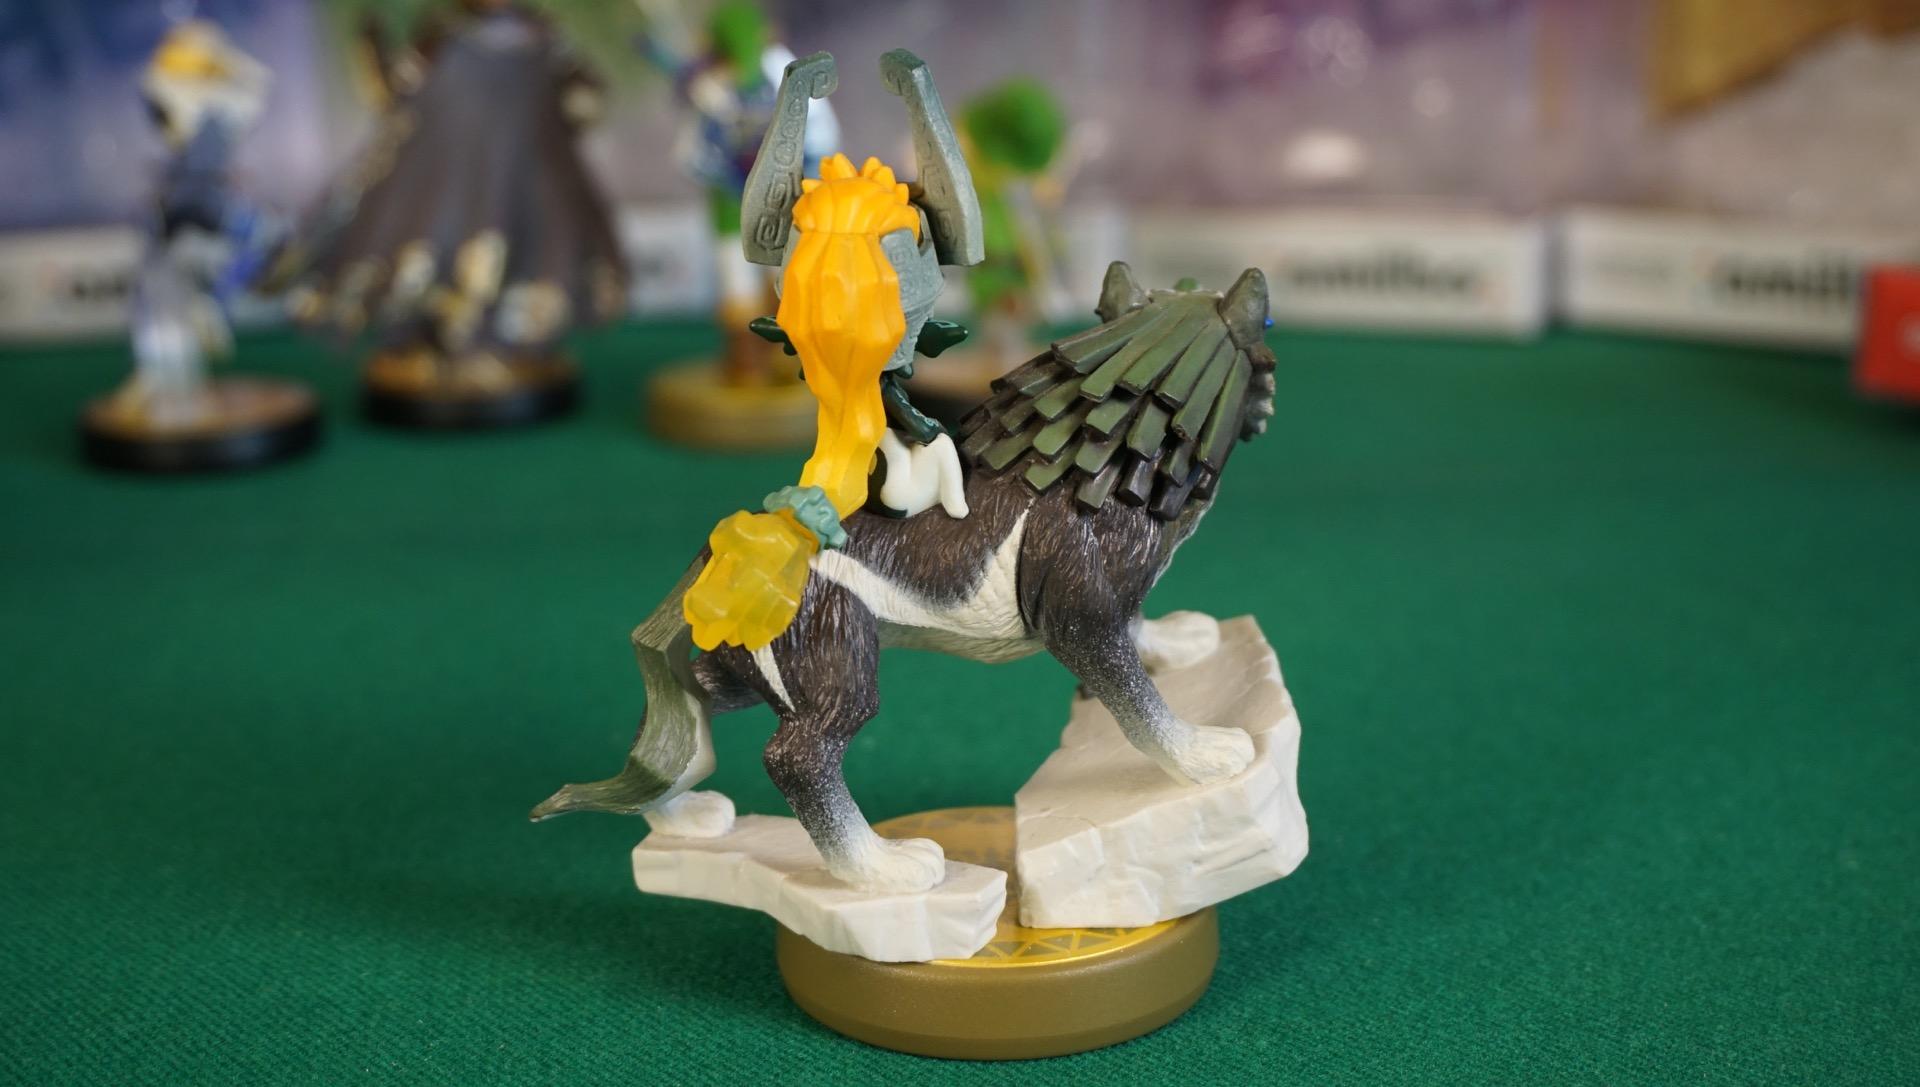 Zelda amiibo unboxing master edition22